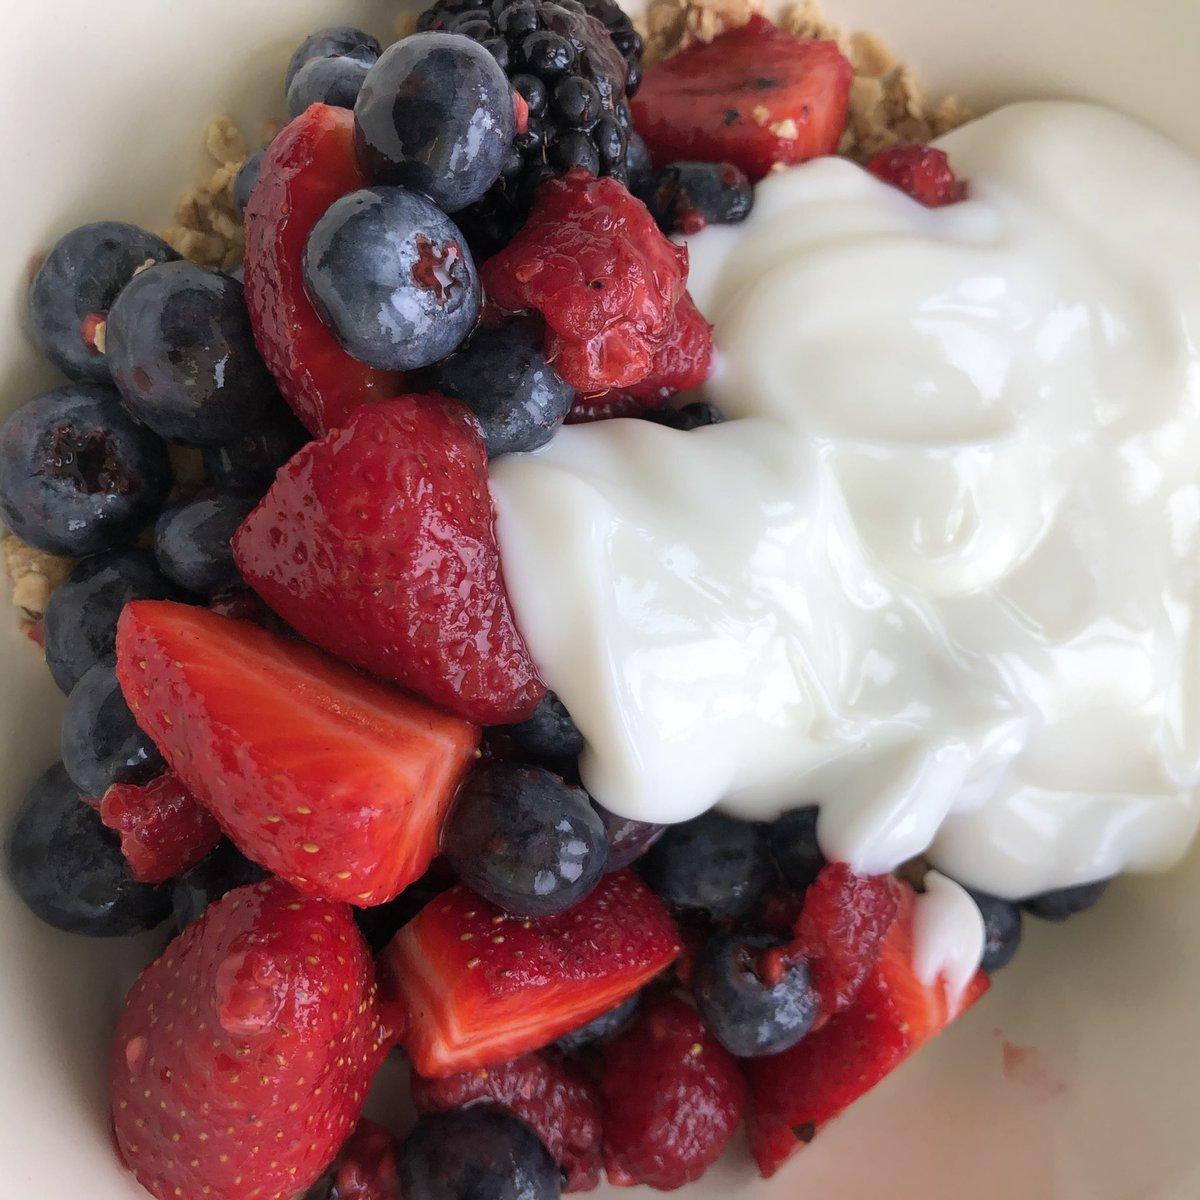 Love fresh fruit for breakfast  #HealthyEating #breakfast pic.twitter.com/EcZTgzxJDj